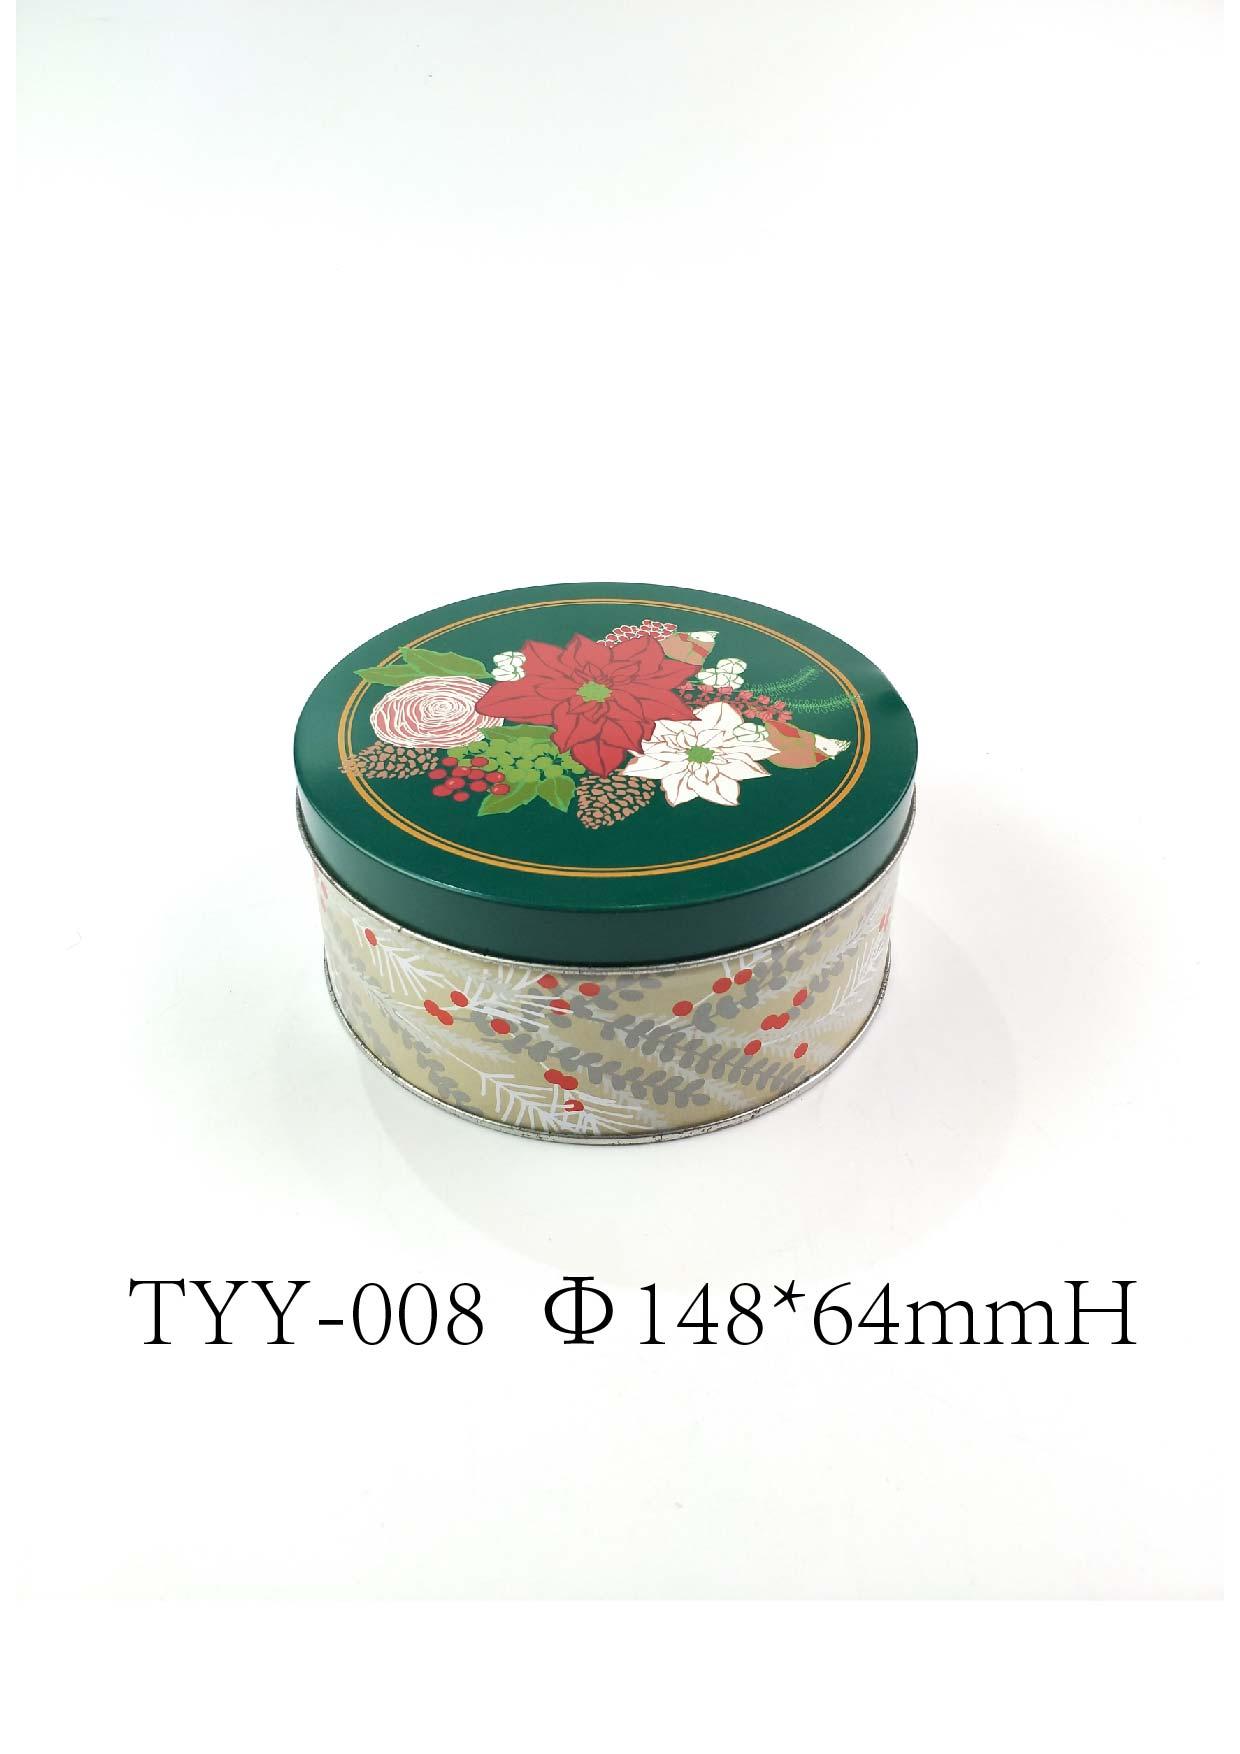 口碑好的食品圆形罐-食品圆形罐市场价格